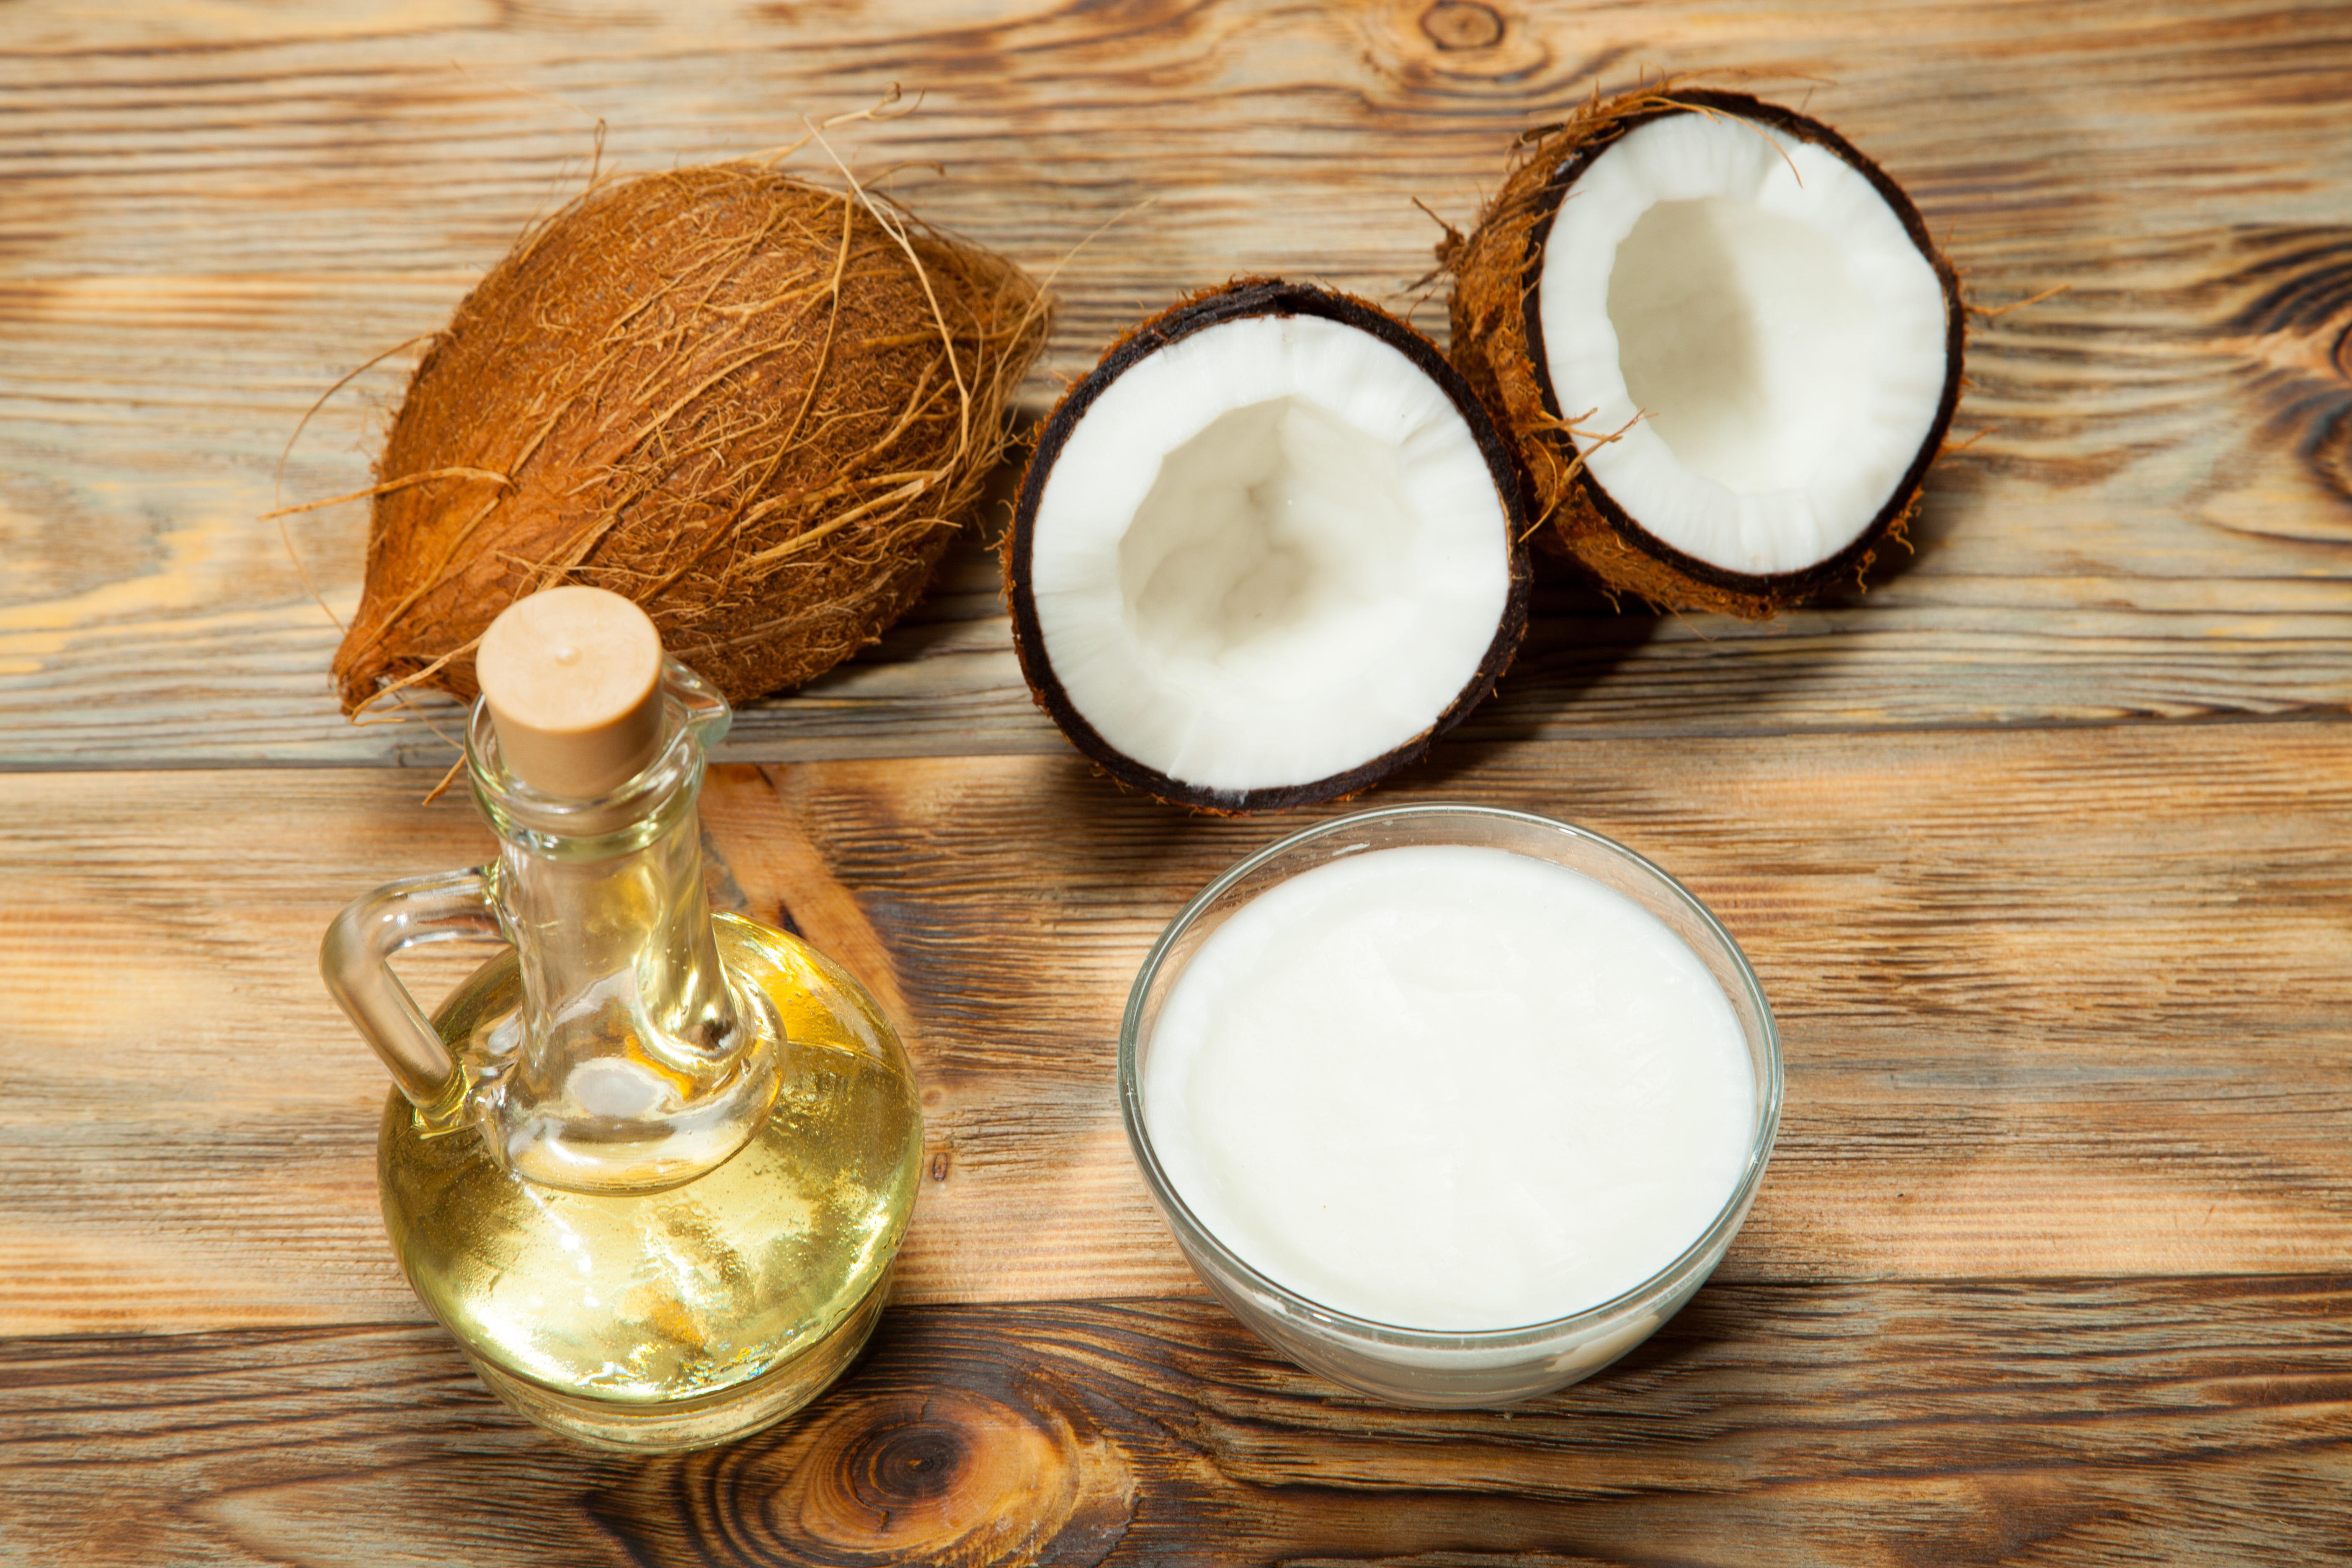 kokosnuss-oel